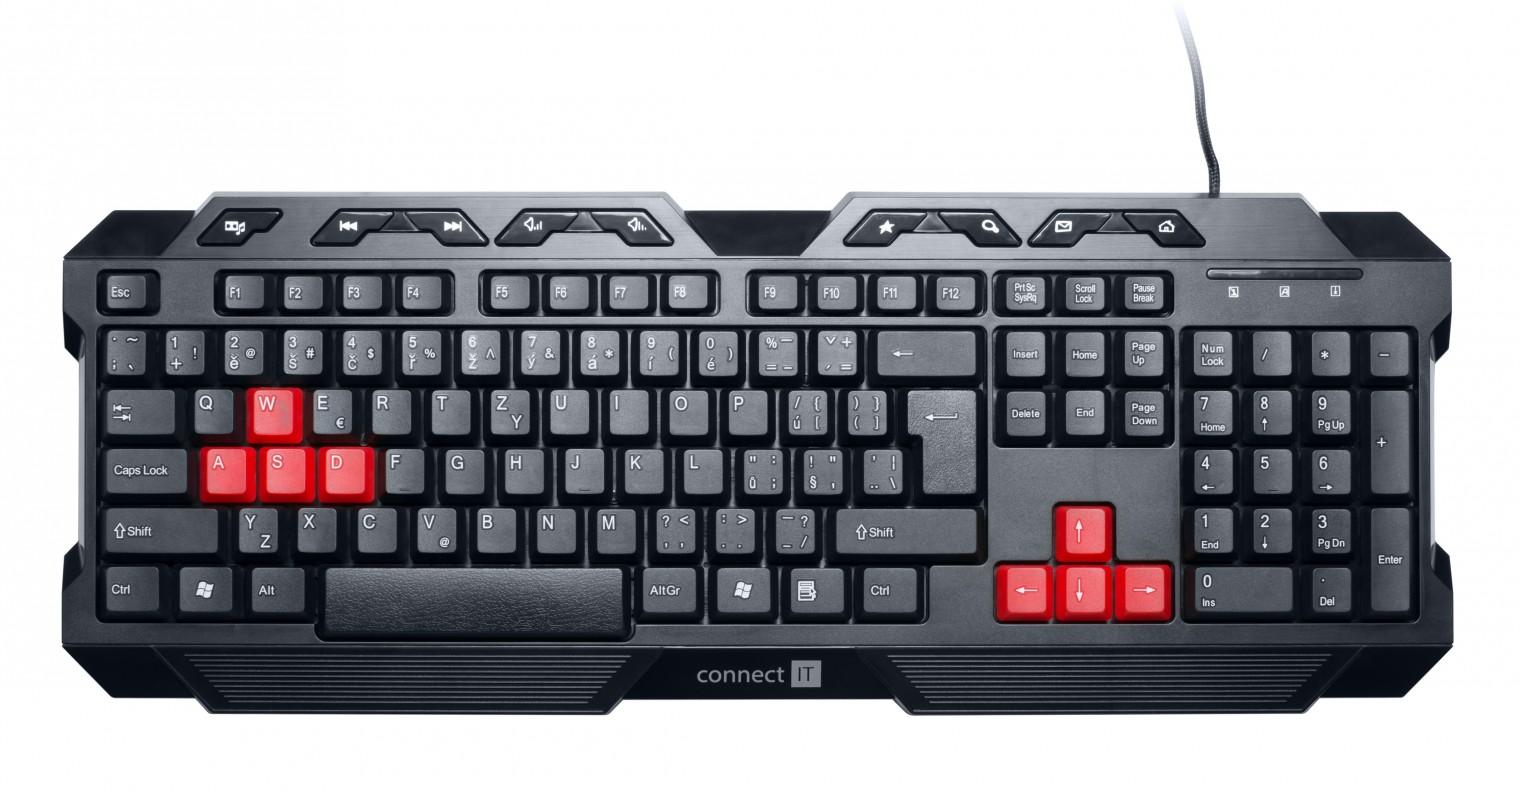 Herné klávesnice Connect IT CI-215 Tomcat herná USB, čierna